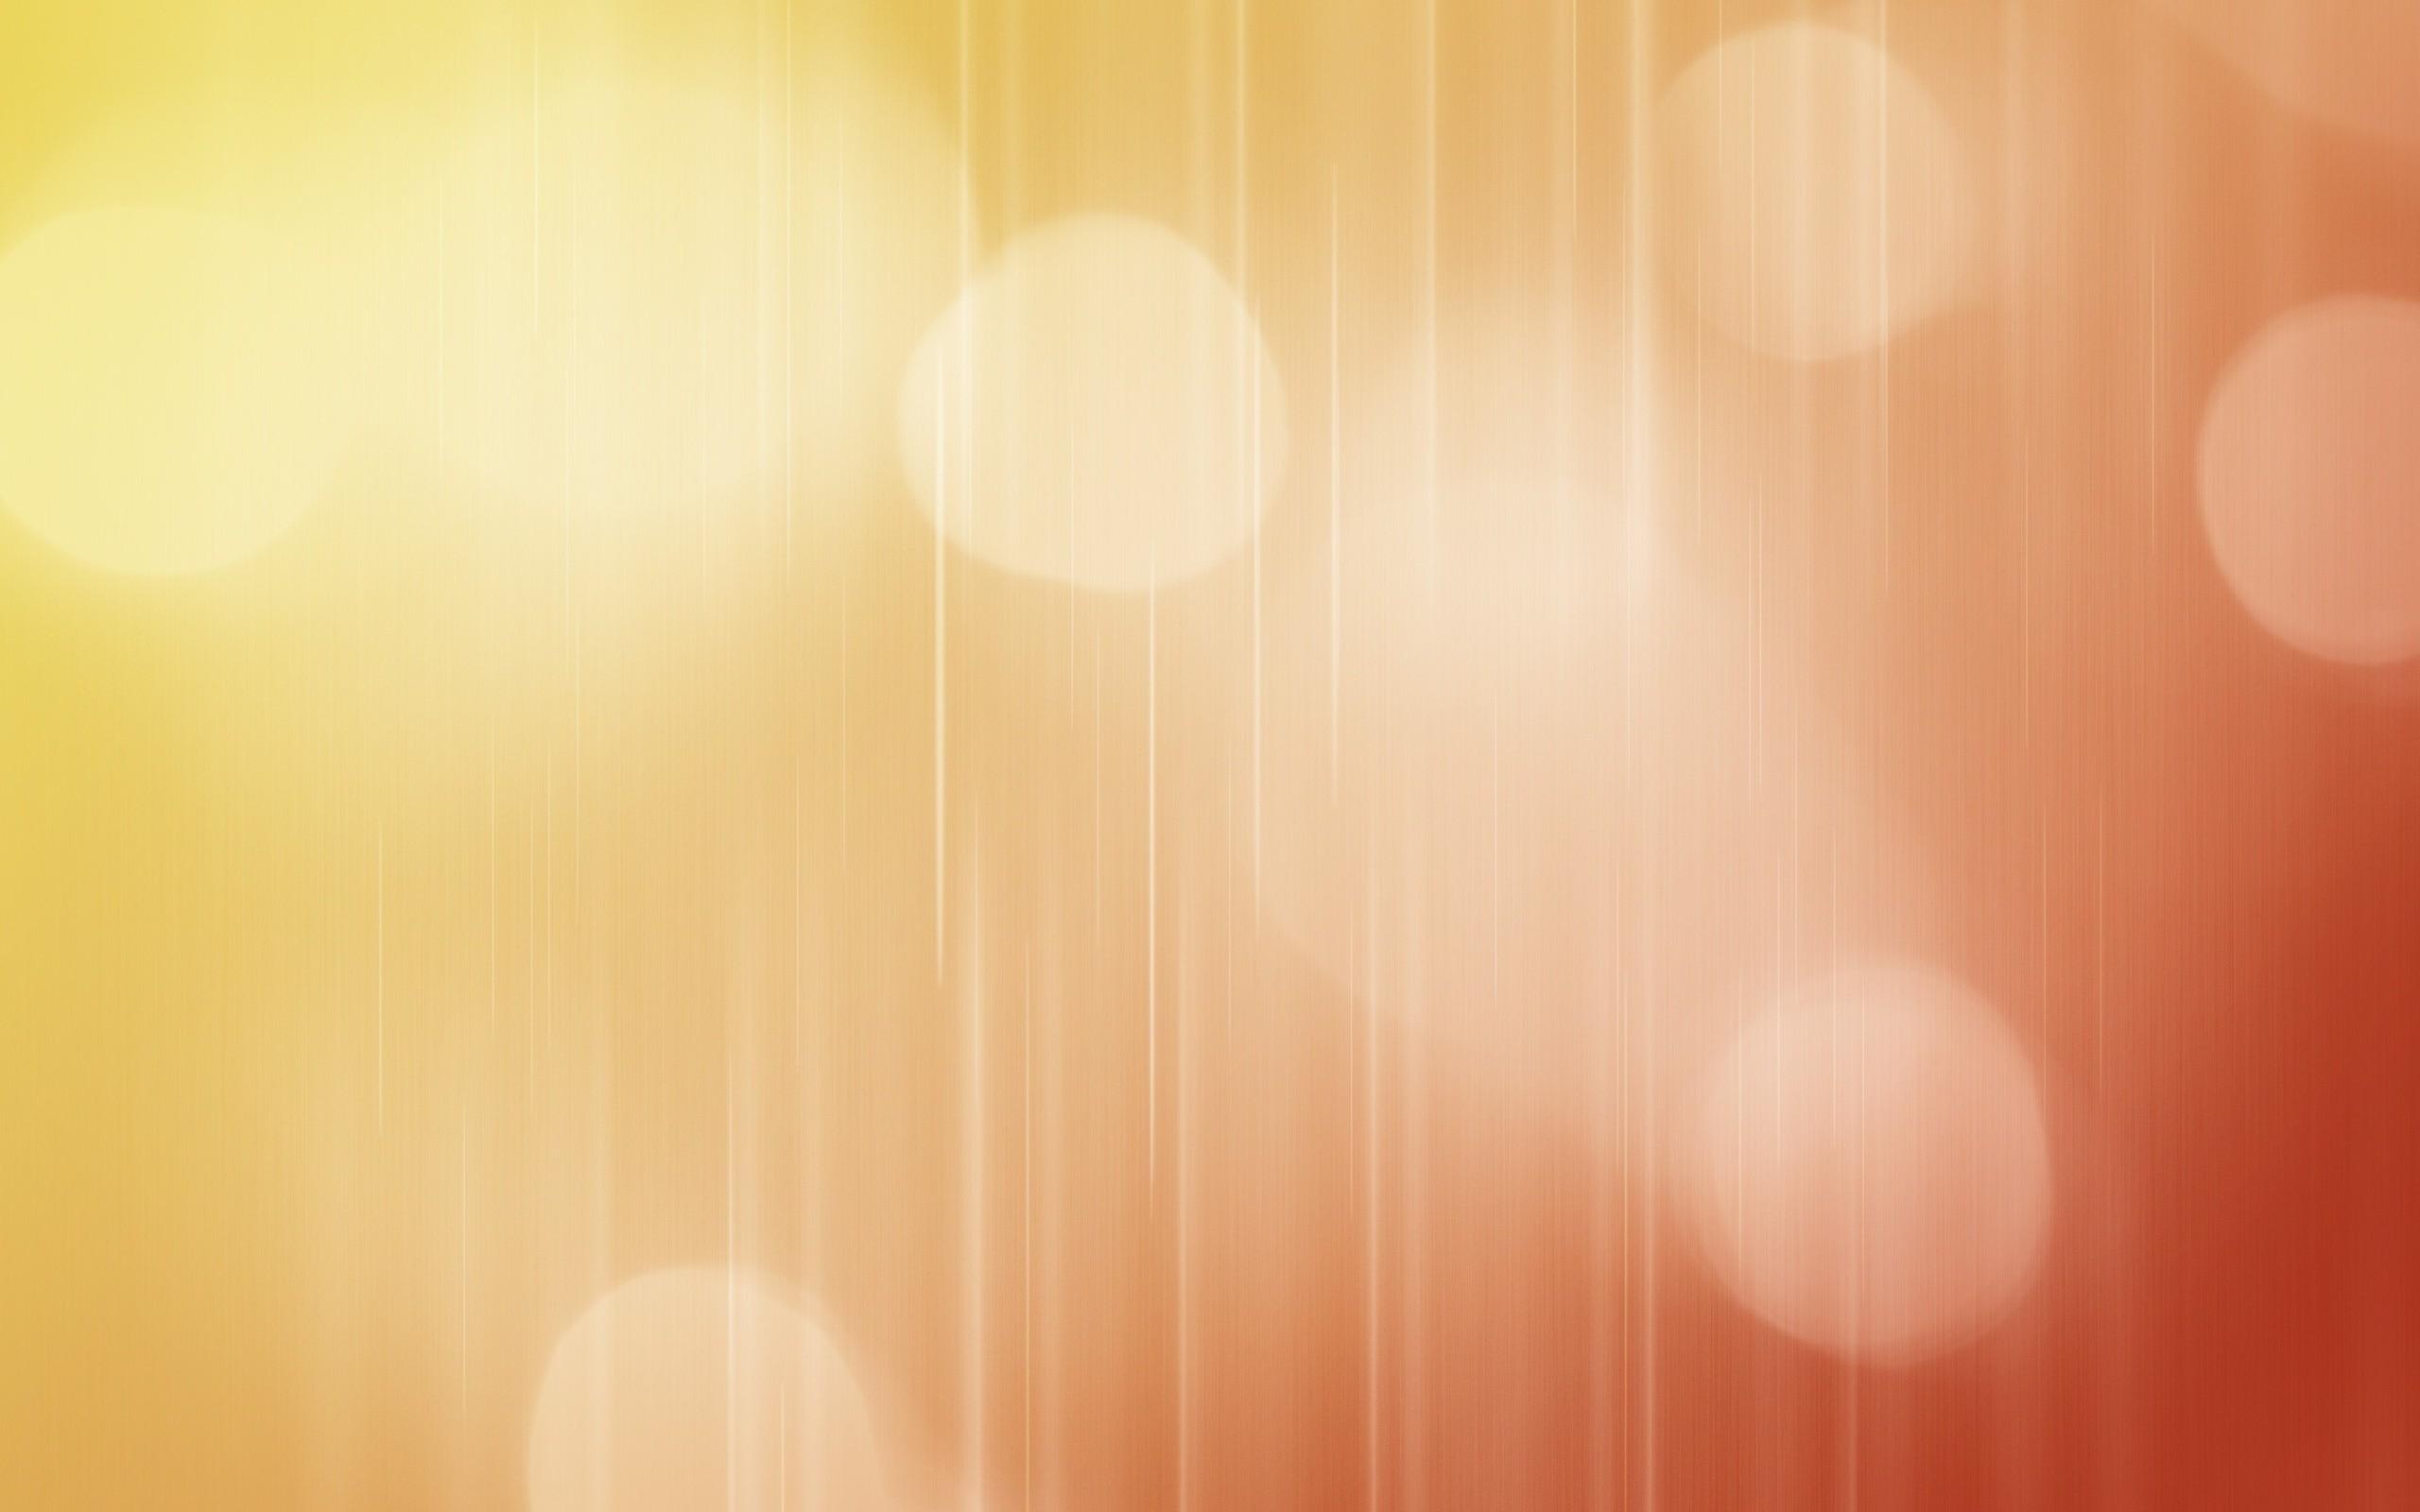 … Faded orange lines